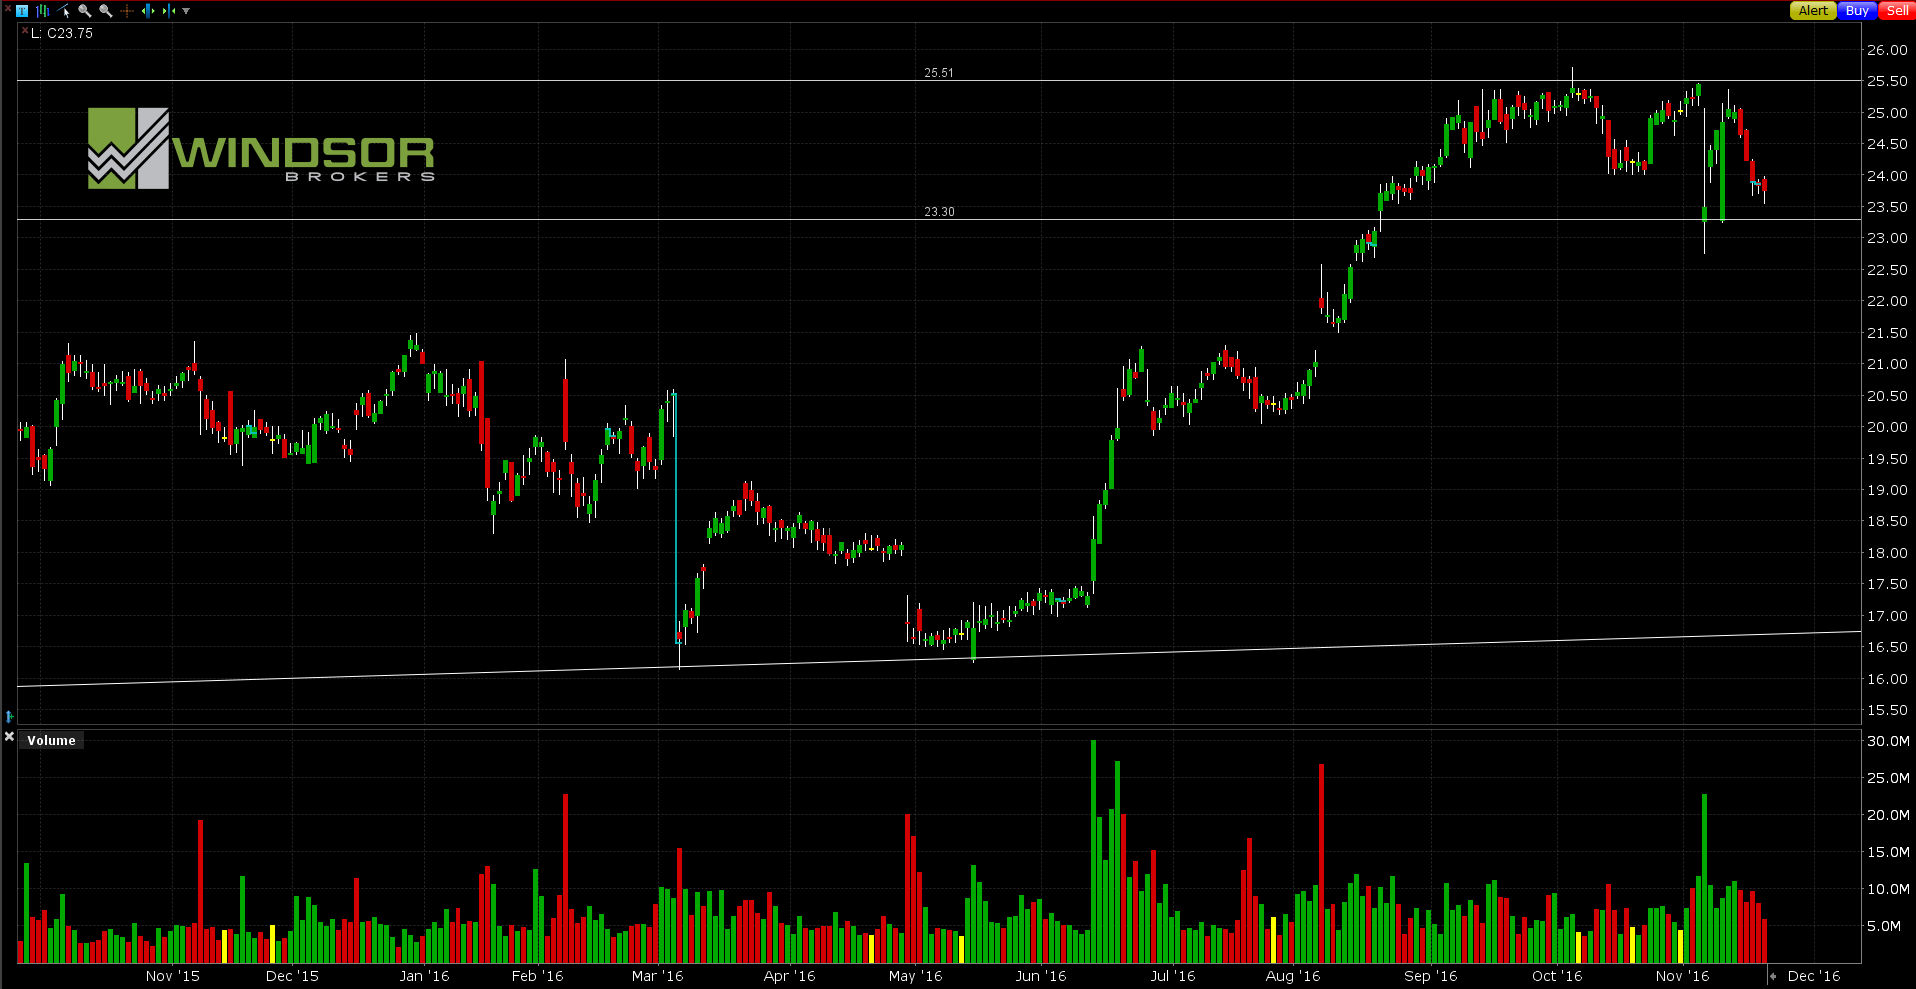 Wykres Symantec dla interwału D1. All Markets Online.